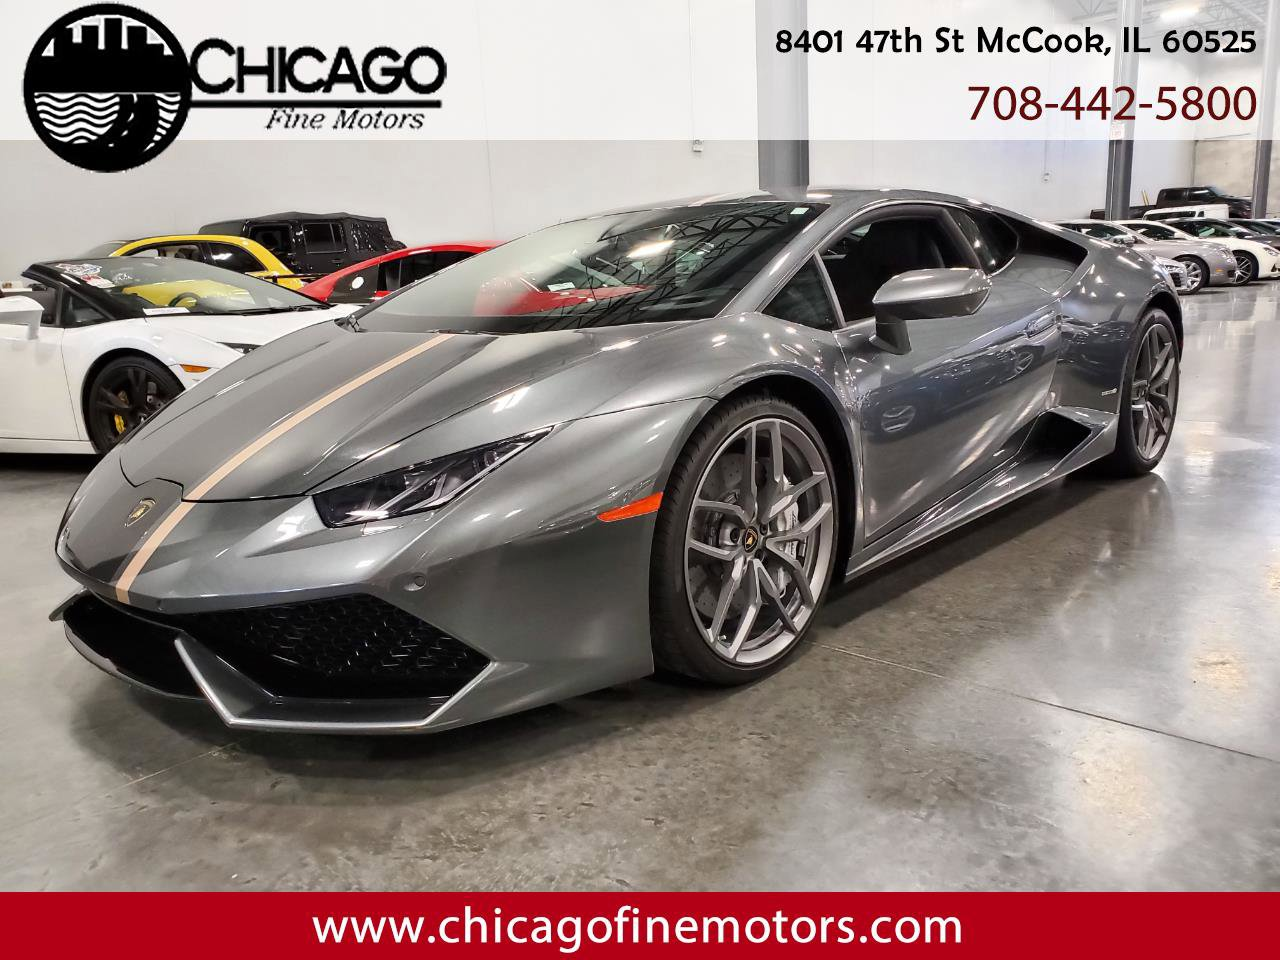 Lamborghini Cars for Sale in Chicago, IL 60603 , Autotrader